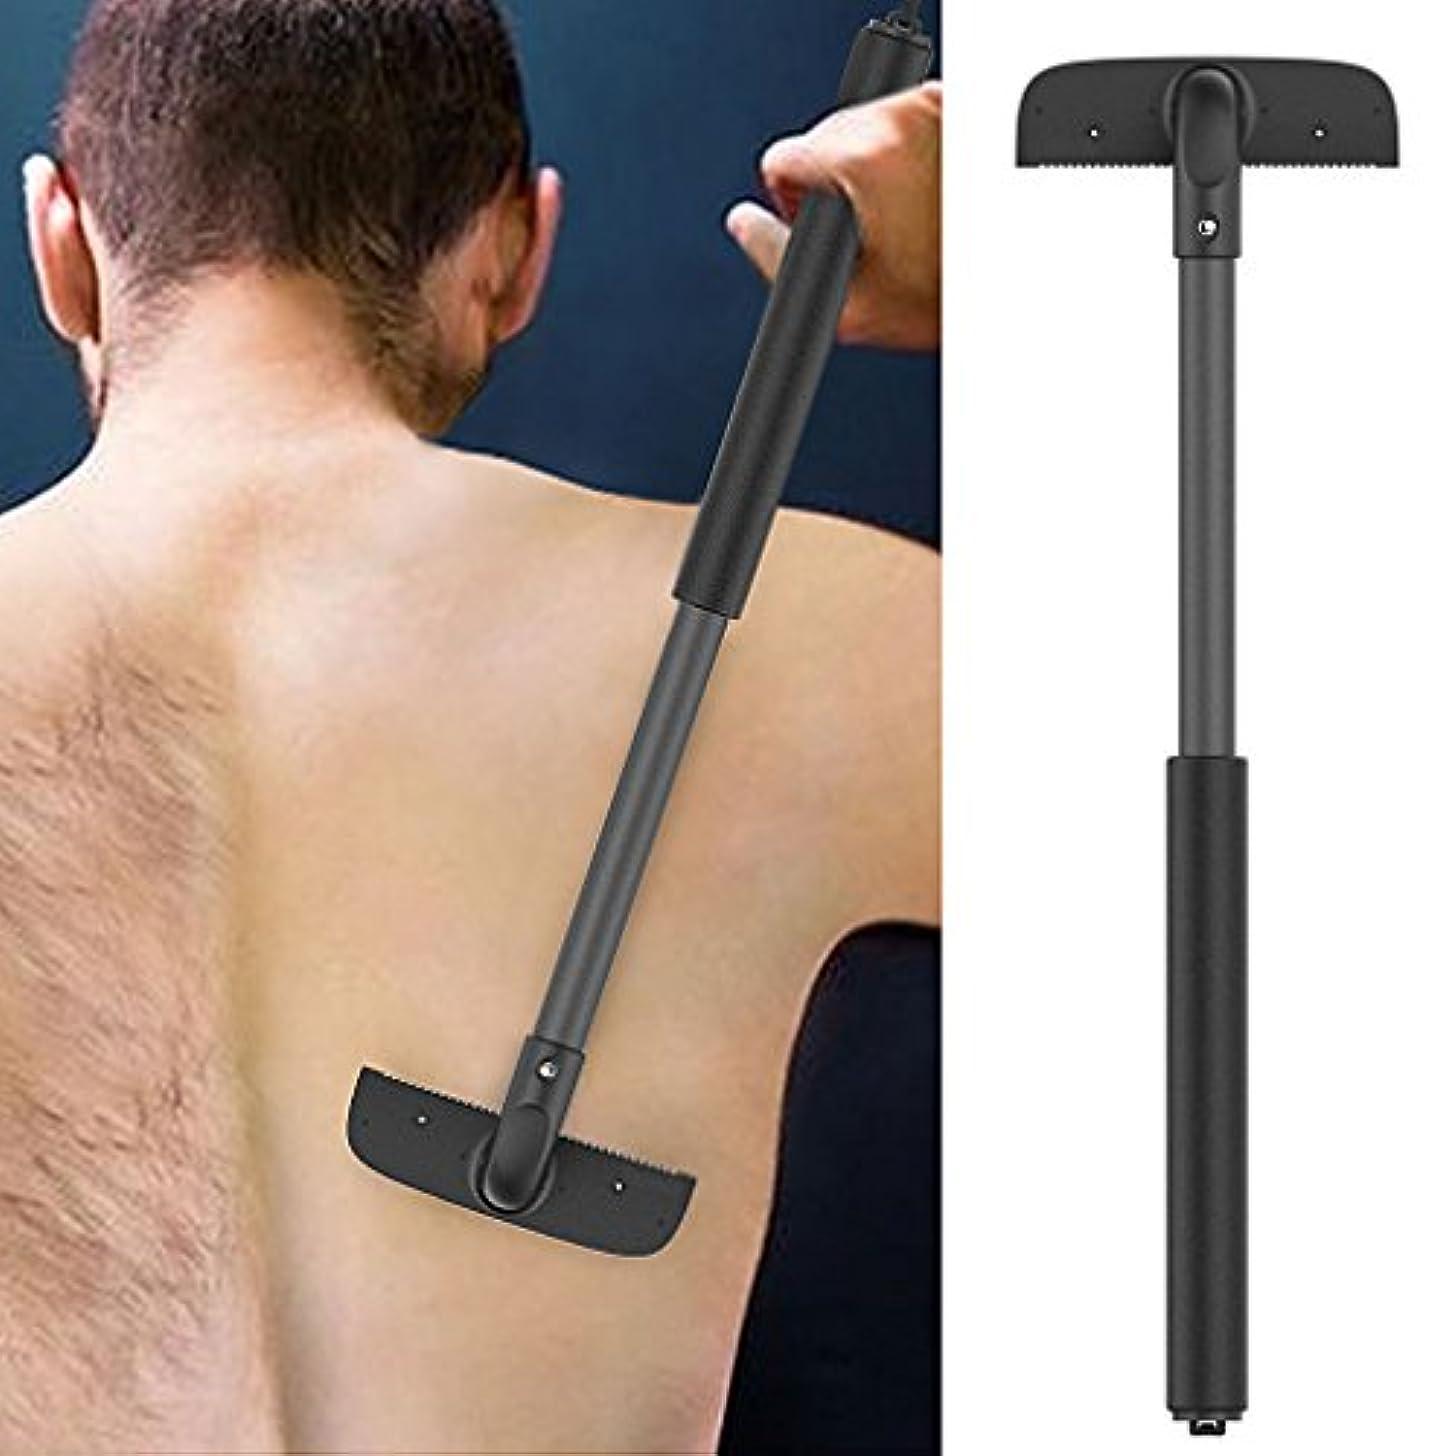 ジャグリングボタン感染するバックヘア、Back Hair Removal And Body Shaver,調節可能/拡張可能なボディヘアボディーシェーバートリマーカミソリセルフグルーミングツール、男性のためのカミソリ